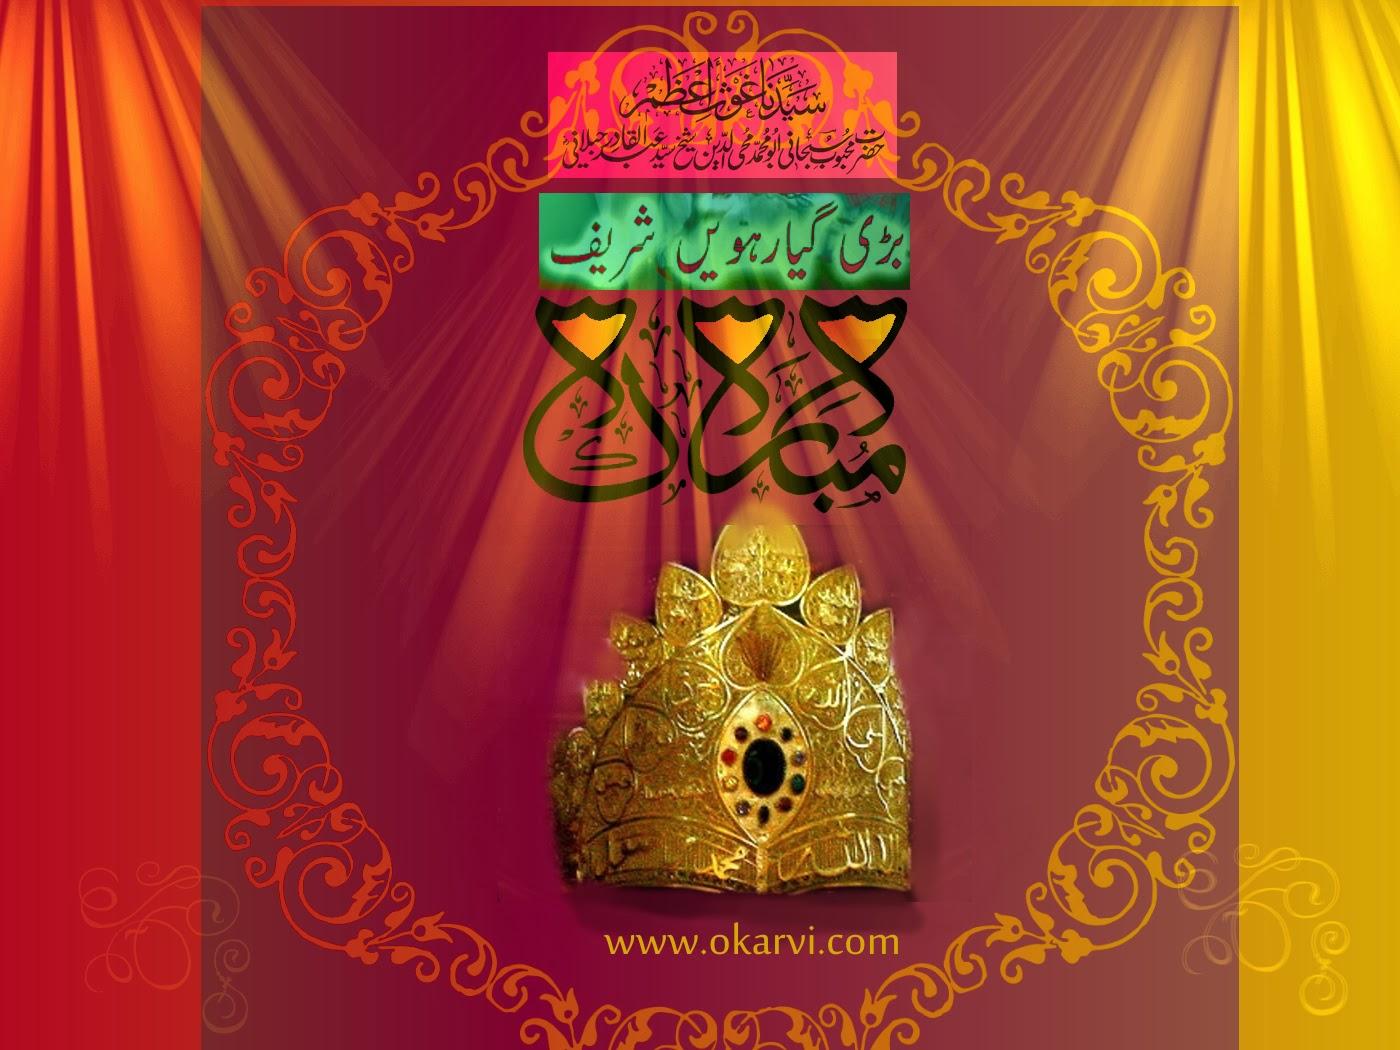 Abdul Qaadir, # Ghaus e Azam